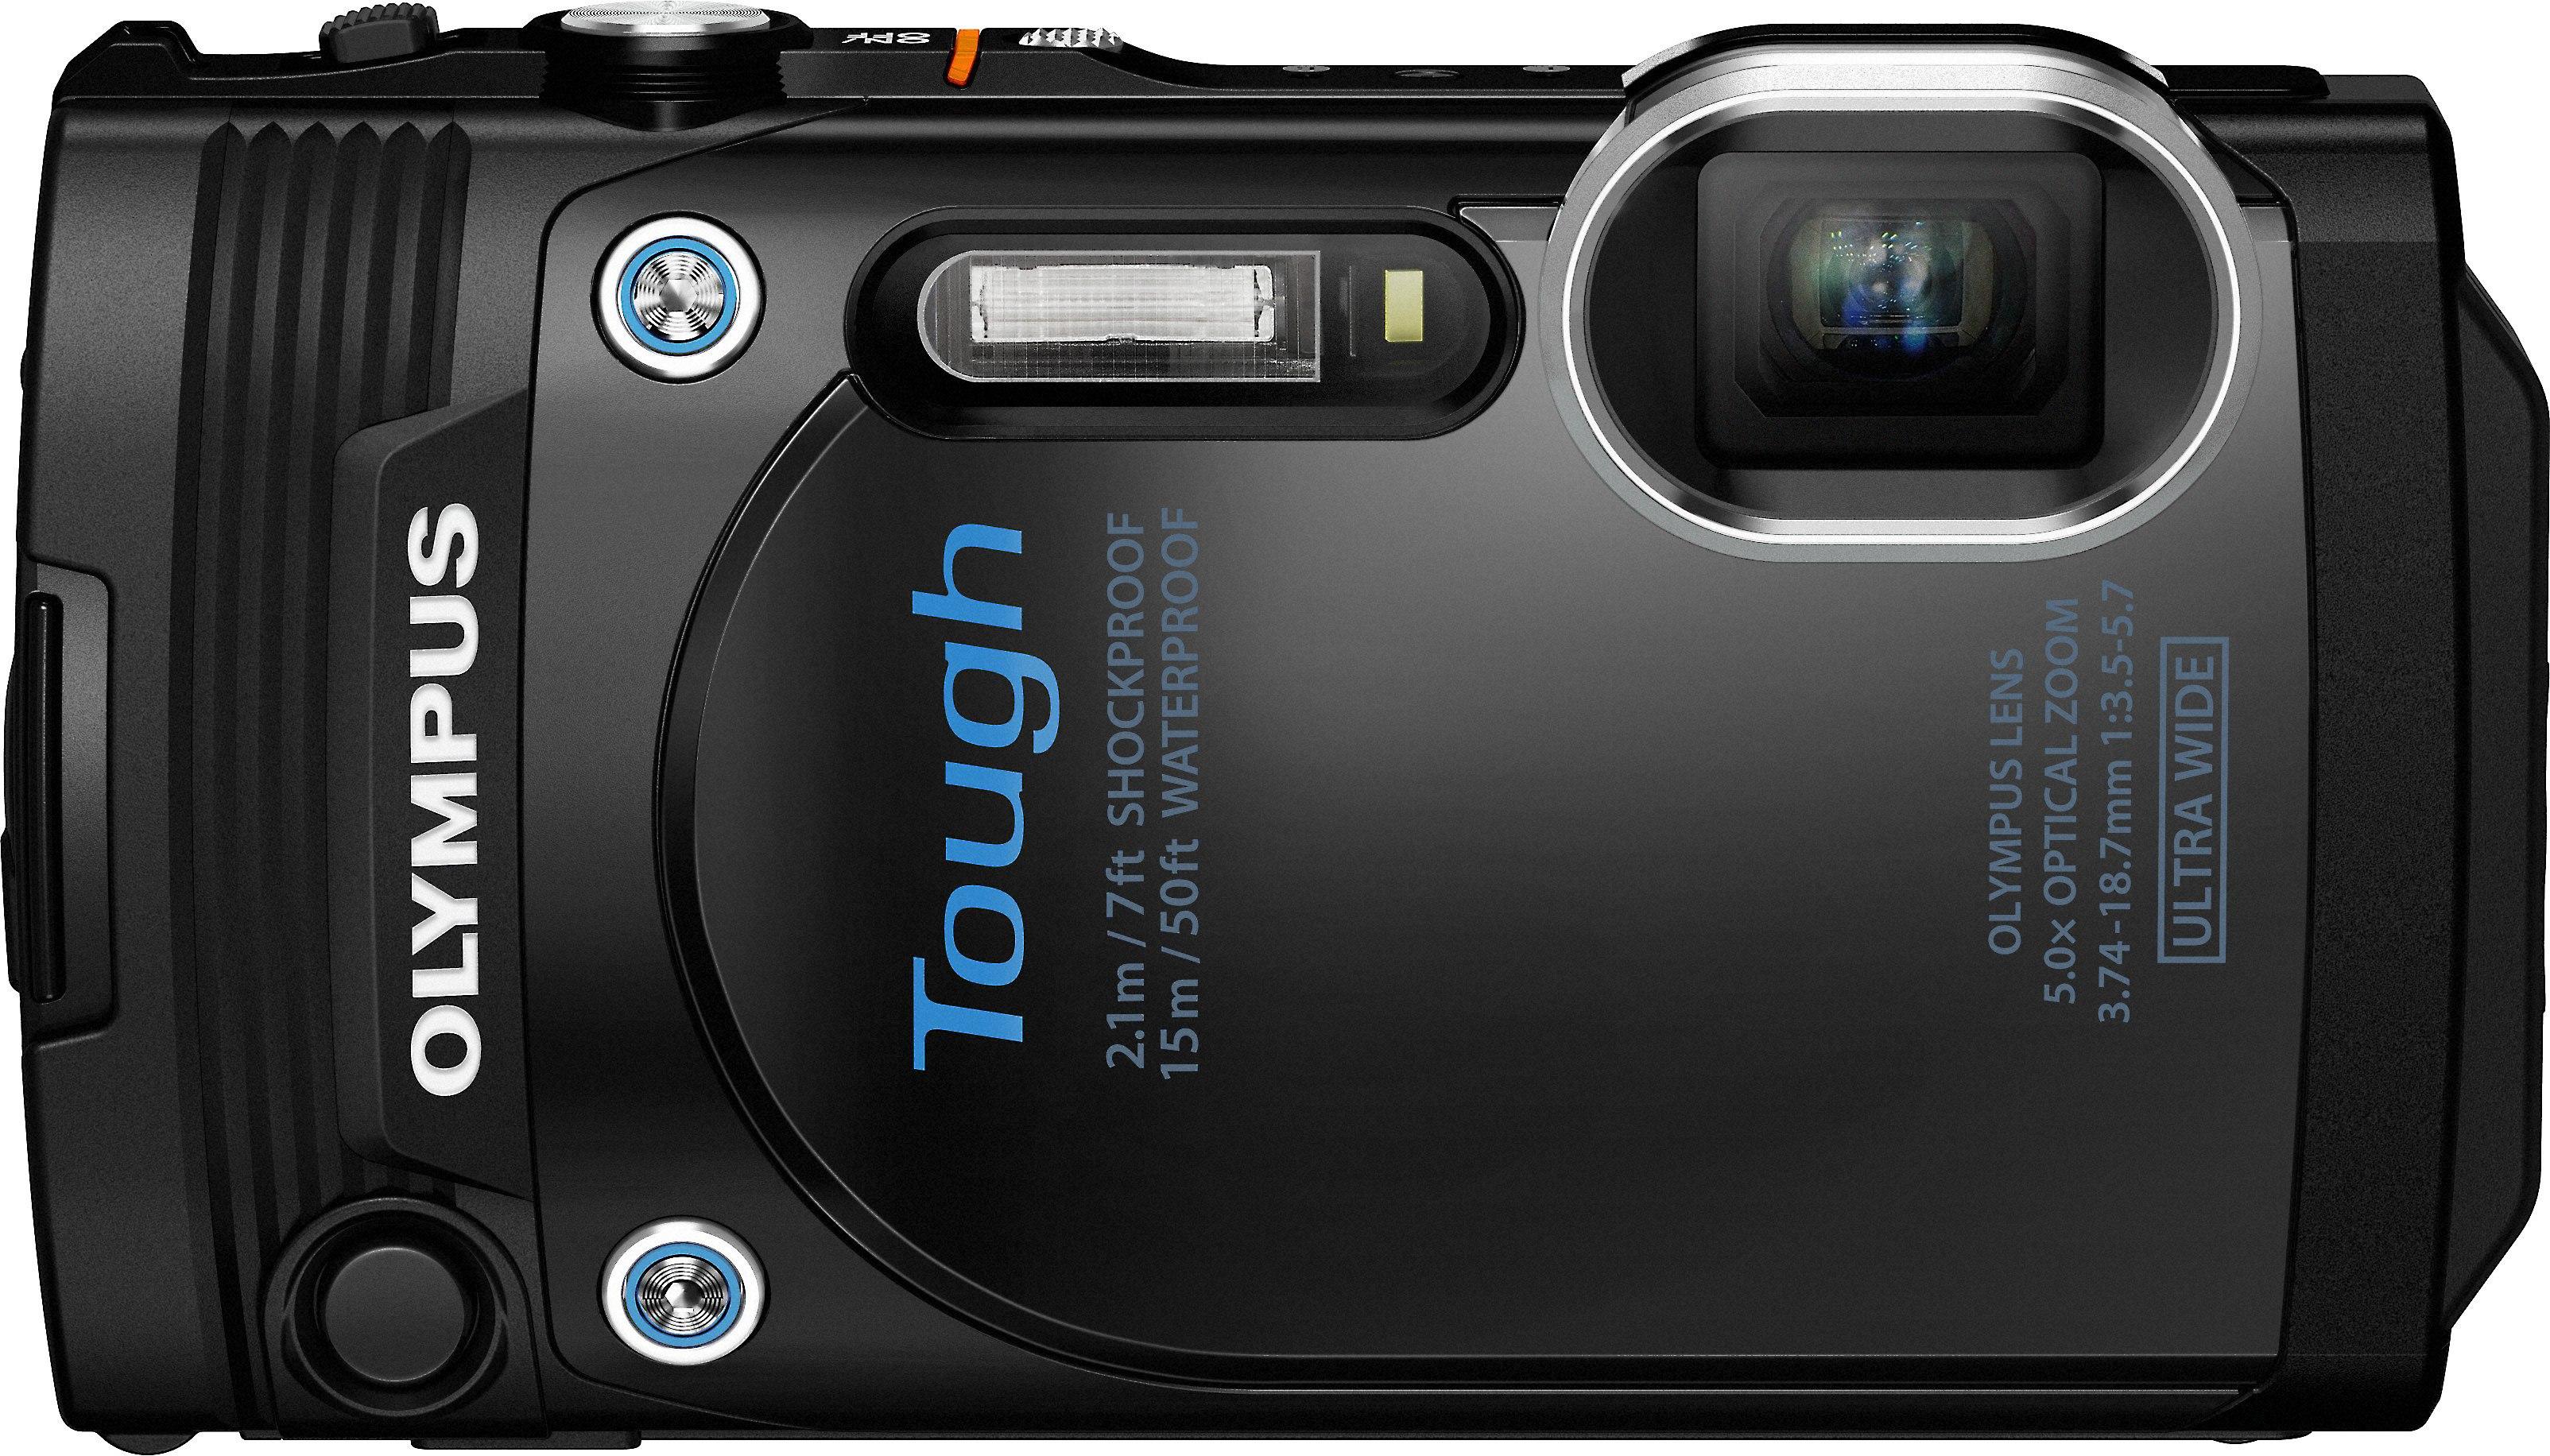 Olympus Tough Series TG-860 (Black)